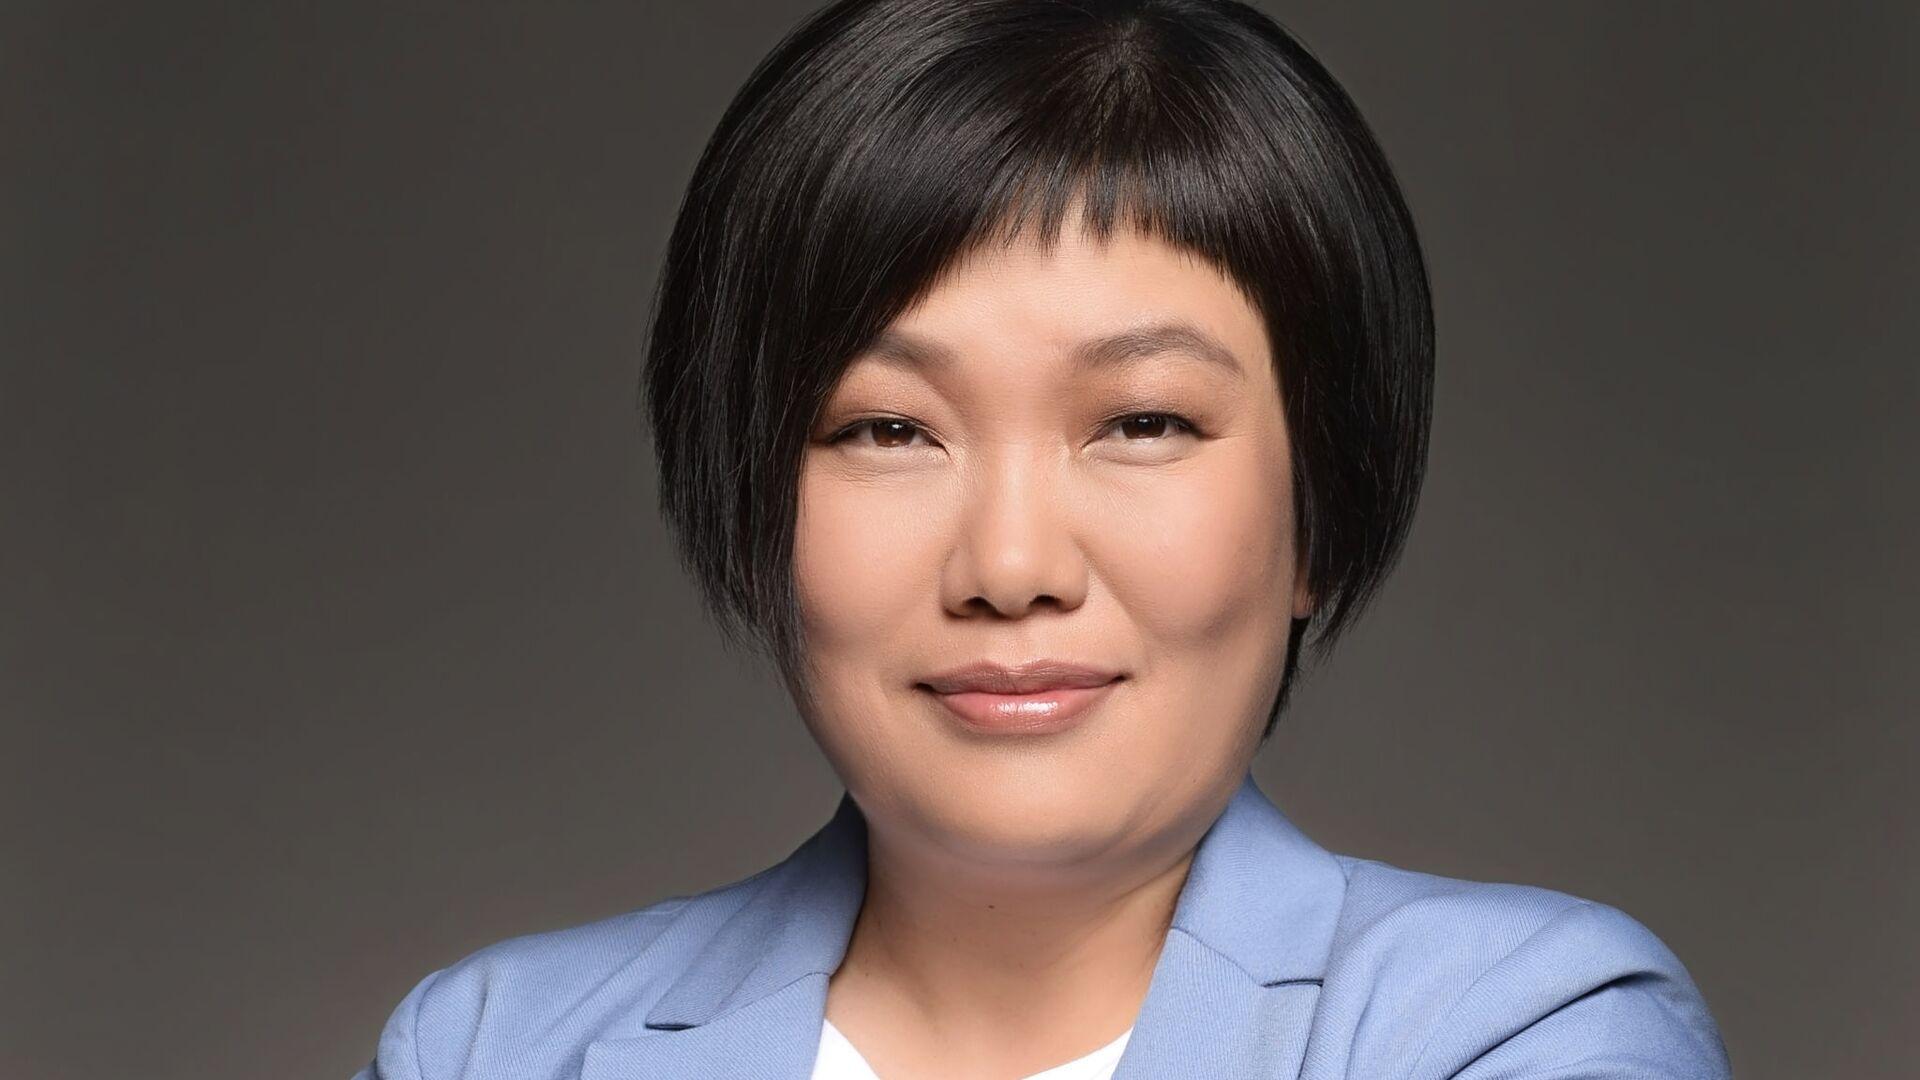 Người phụ nữ giàu nhất nước Nga là Tatyana Bakalchuk, người sáng lập cửa hàng trực tuyến Wildberries - Sputnik Việt Nam, 1920, 25.08.2021